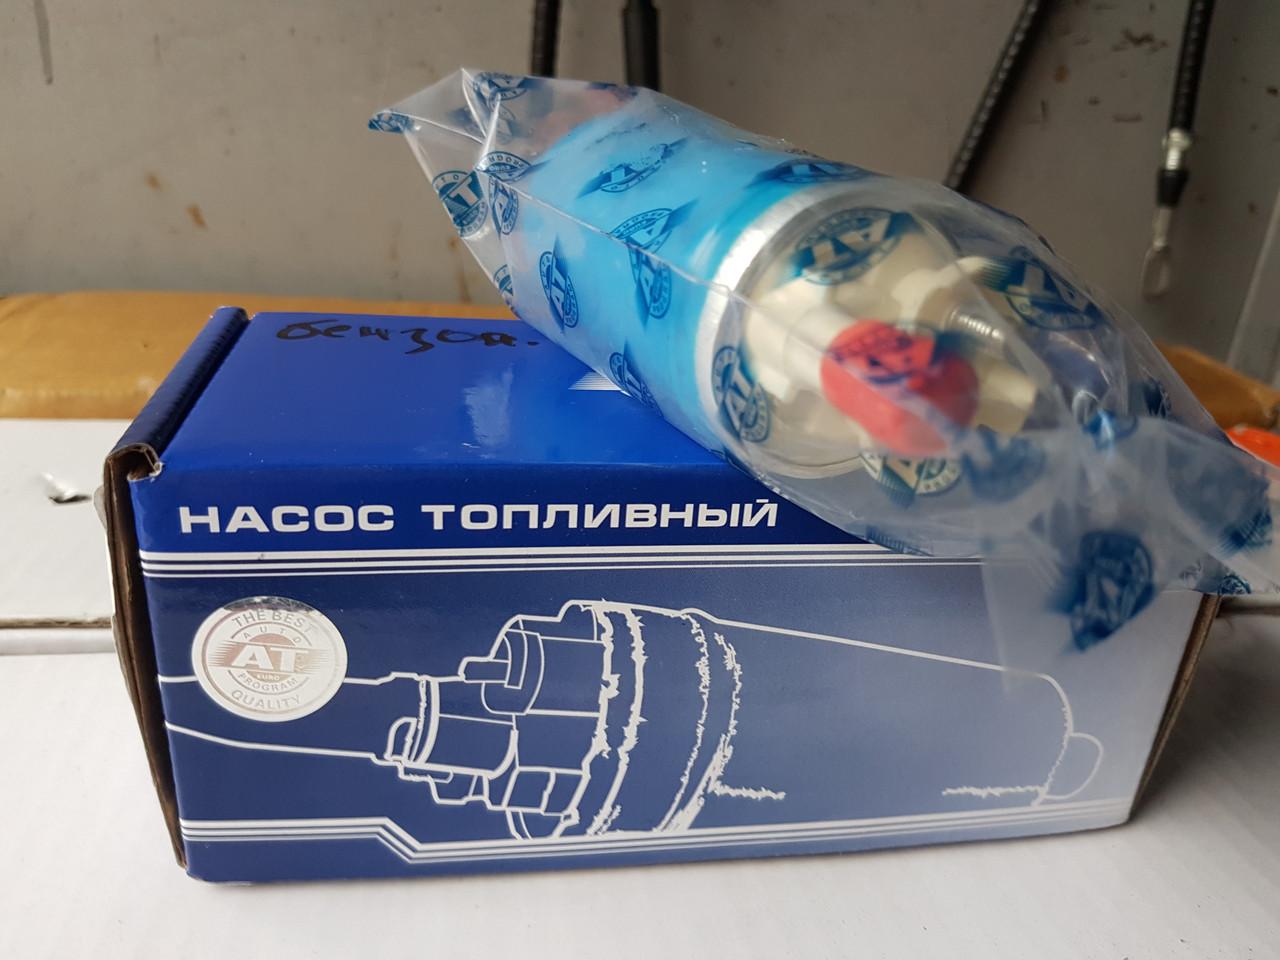 Насос топливный на ВАЗ 09-2110 в бак (инжектор)